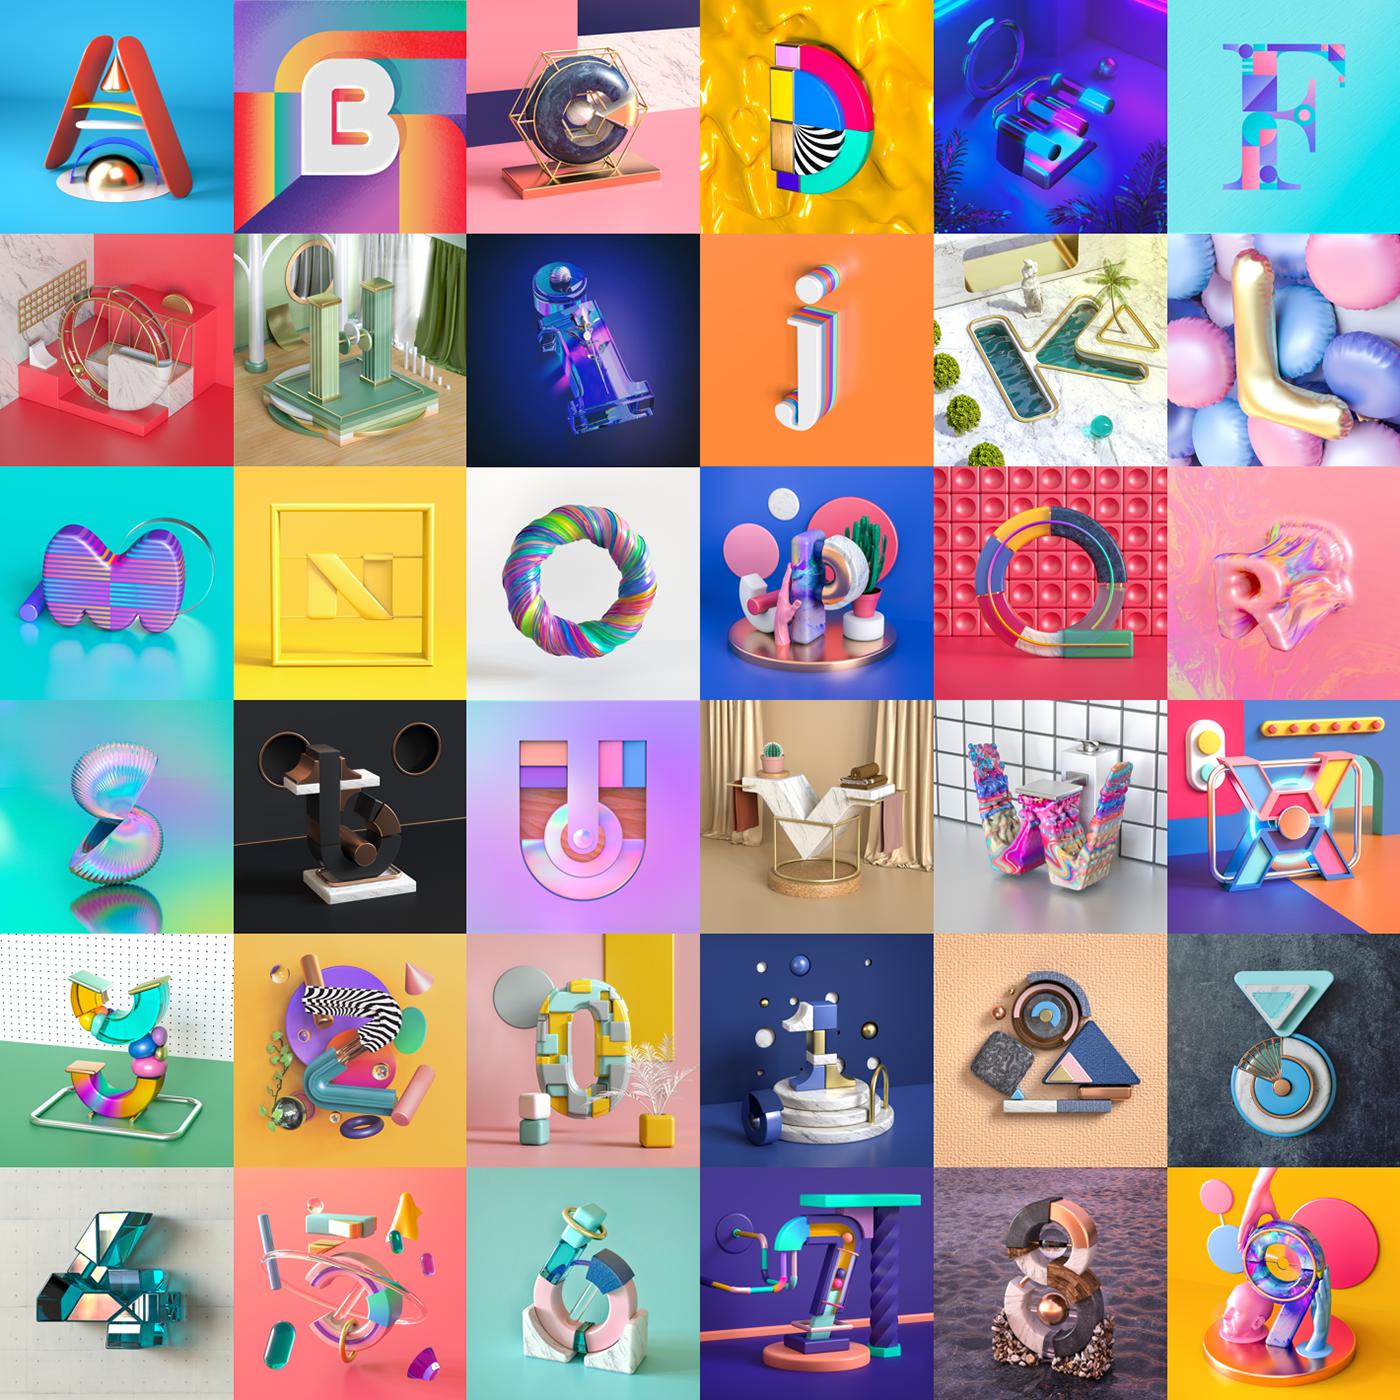 36 days 3D c4d cinema4d CGI type letters colors art direction  instagram